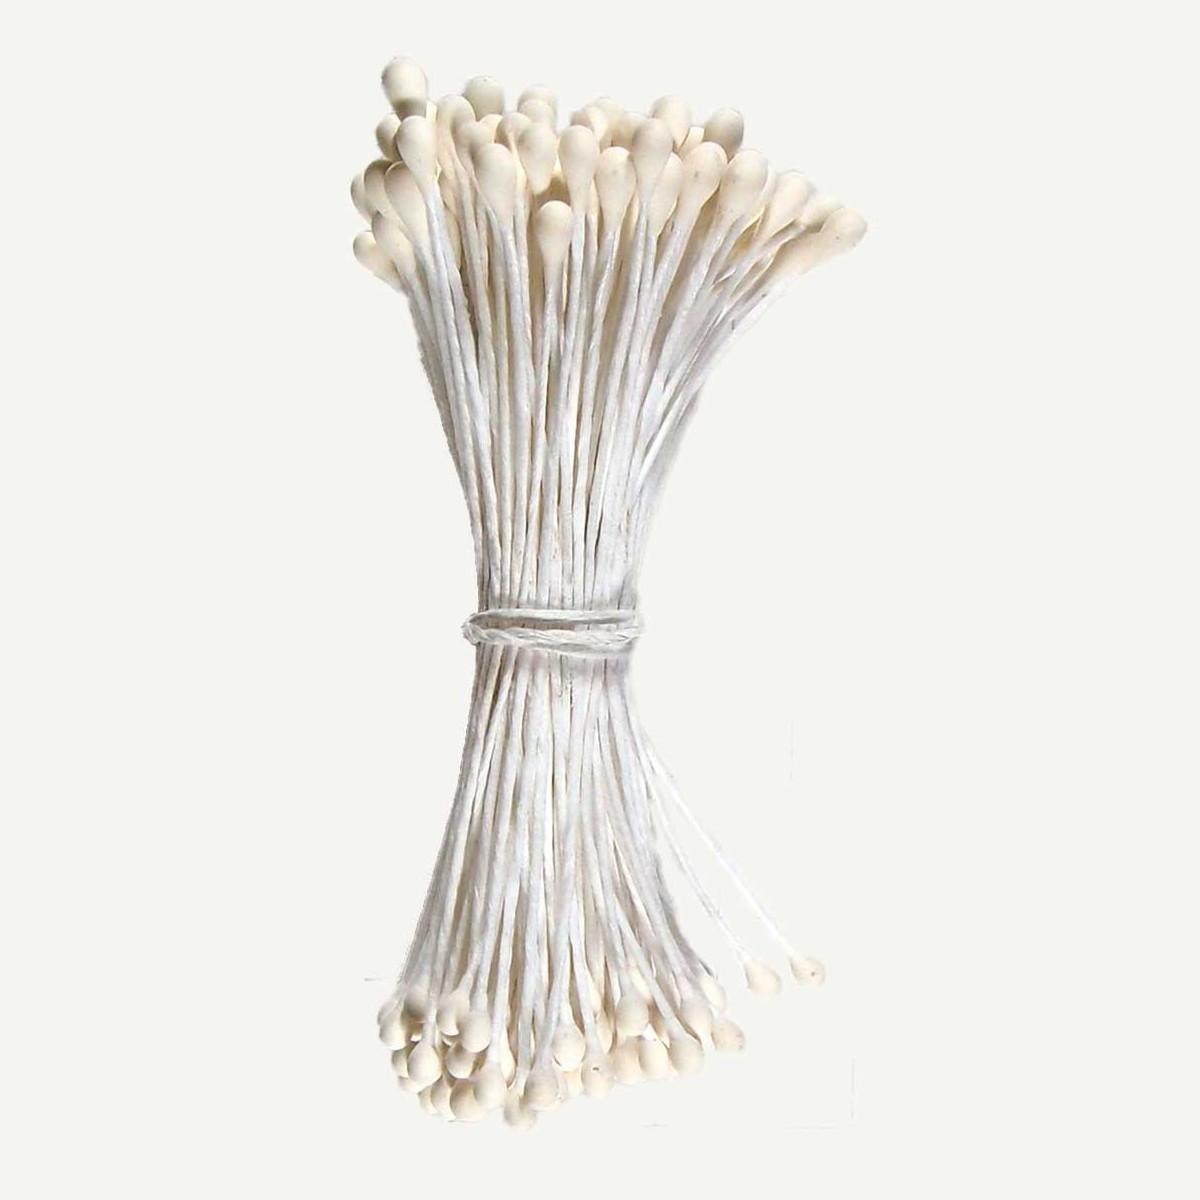 サンセイ/XP-001素玉3.5mm クリーム/583276【01】【取寄】[100束]《 花資材・道具 アクセサリー ペーパーフラワー用品 》